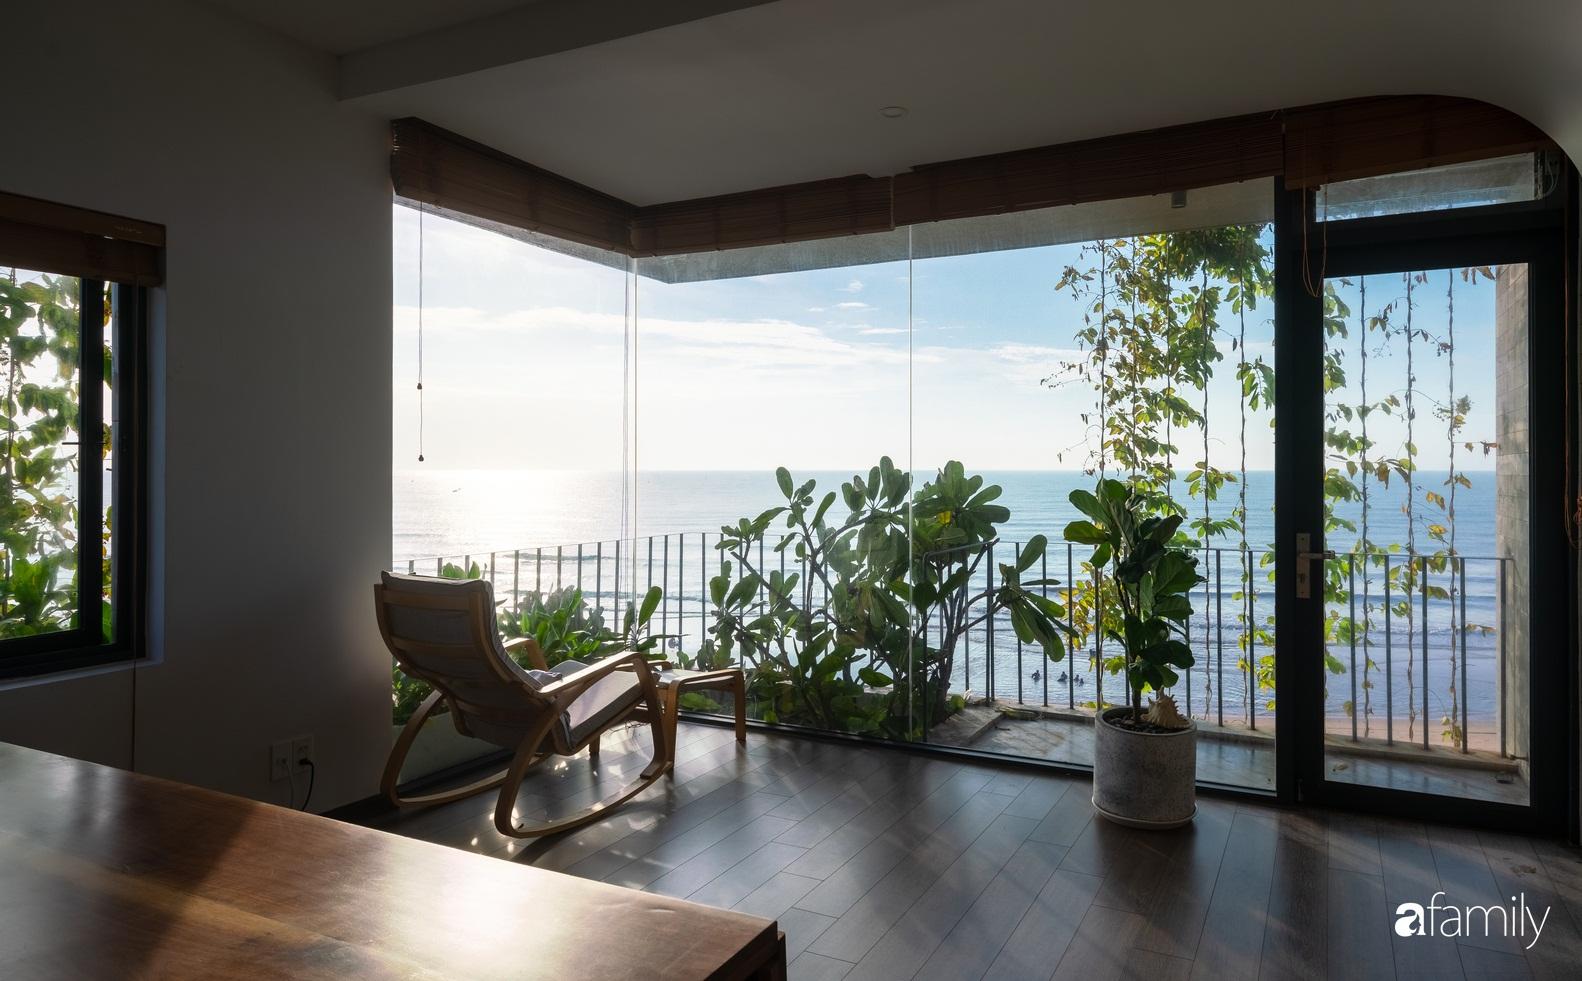 Ngôi nhà 3 tầng view biển Vũng Tàu với thiết kế mang ánh sáng và cây xanh đến từng góc nhỏ - Ảnh 8.